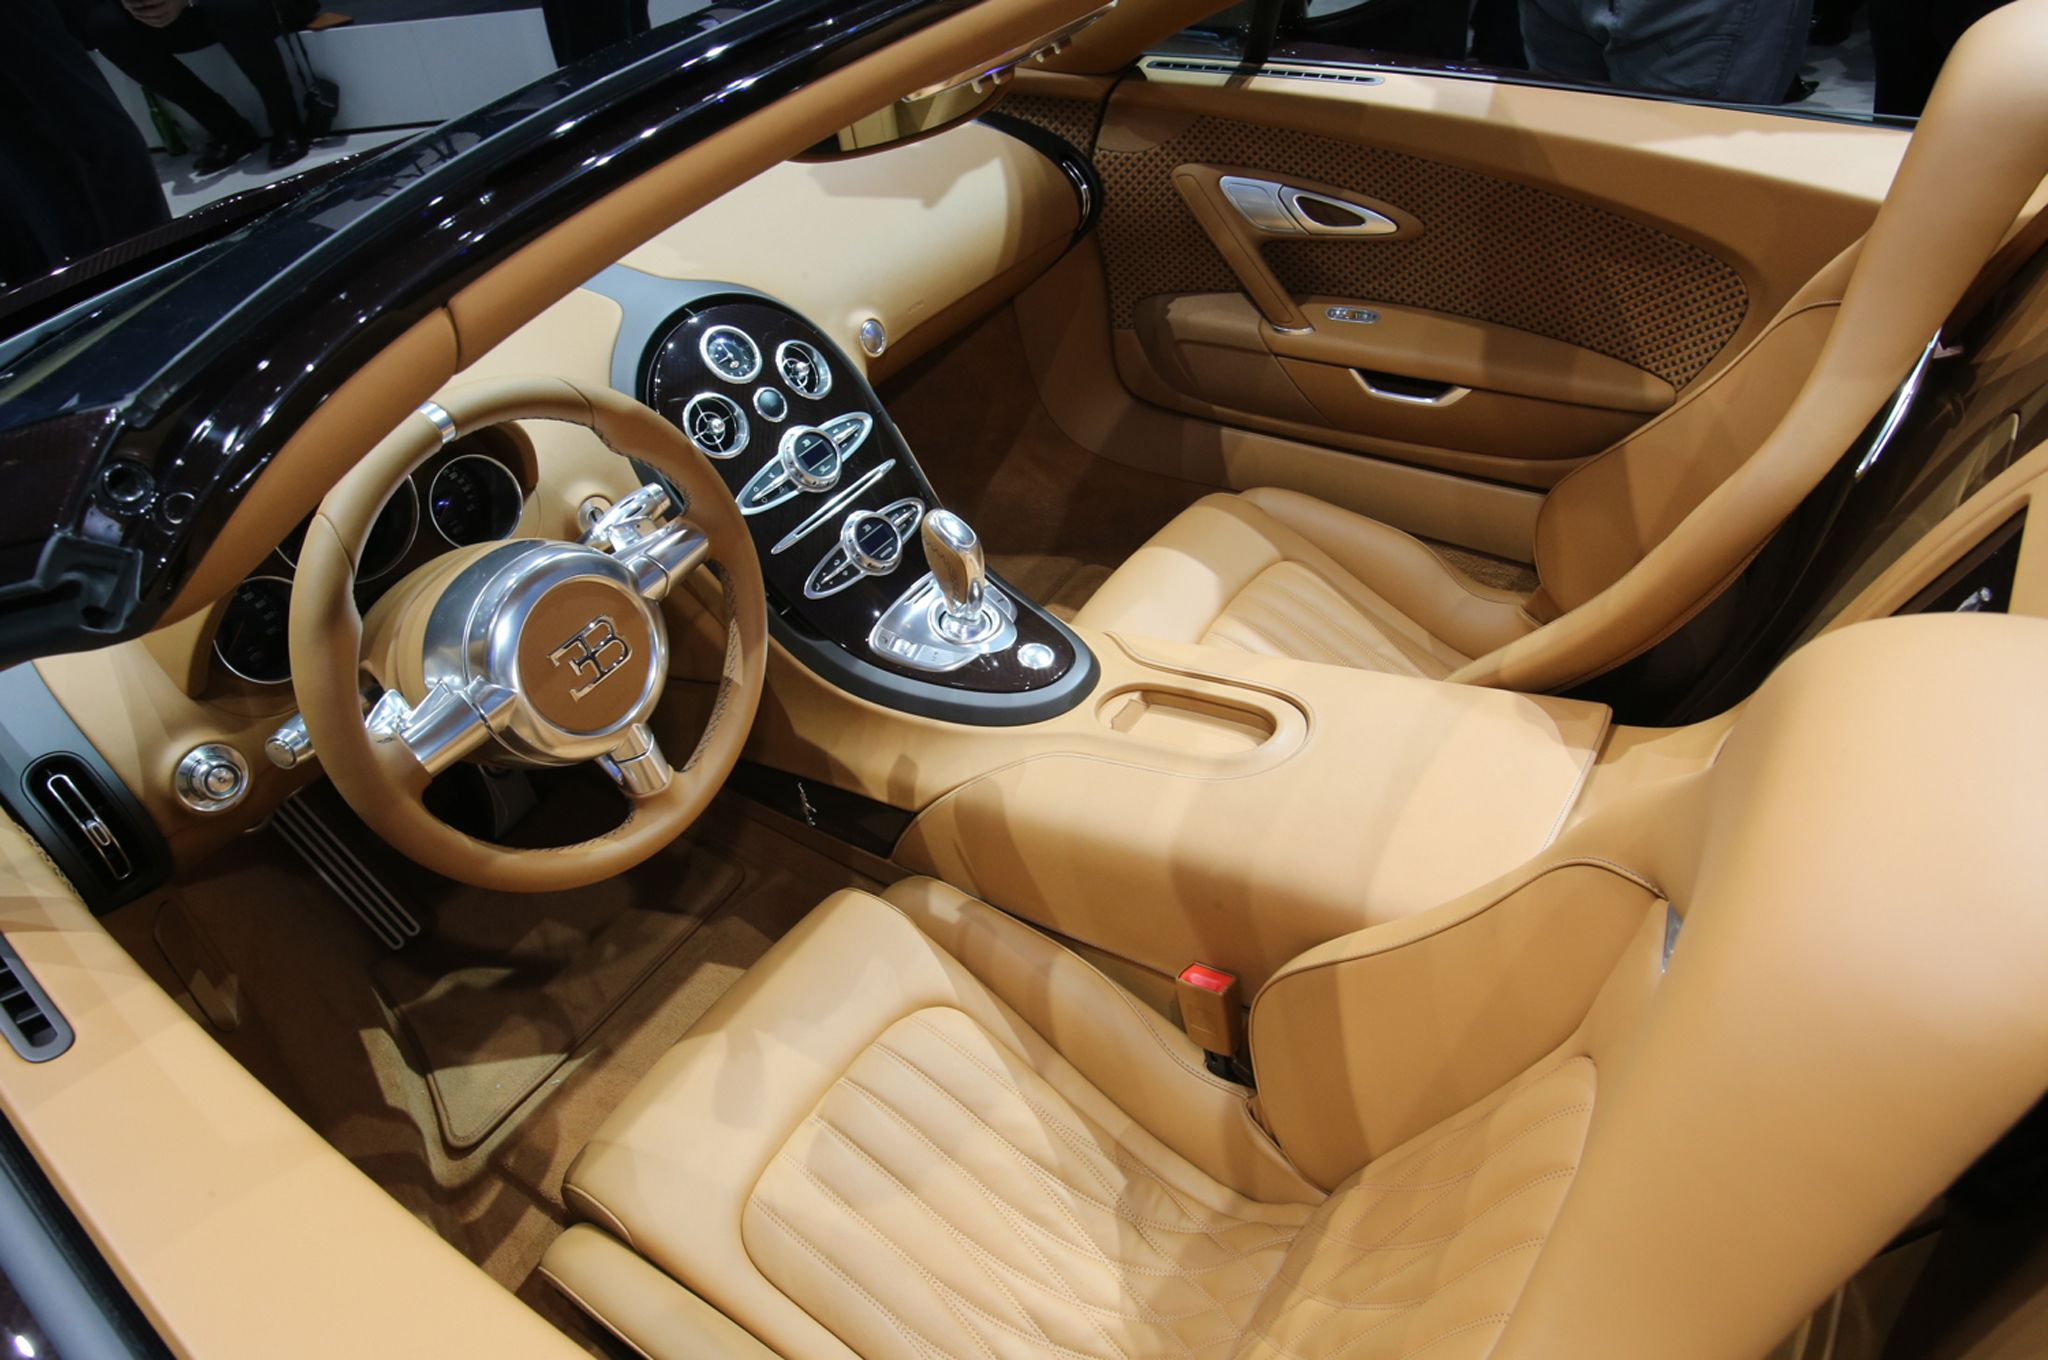 2014 Bugatti Veyron Super Sport Interior